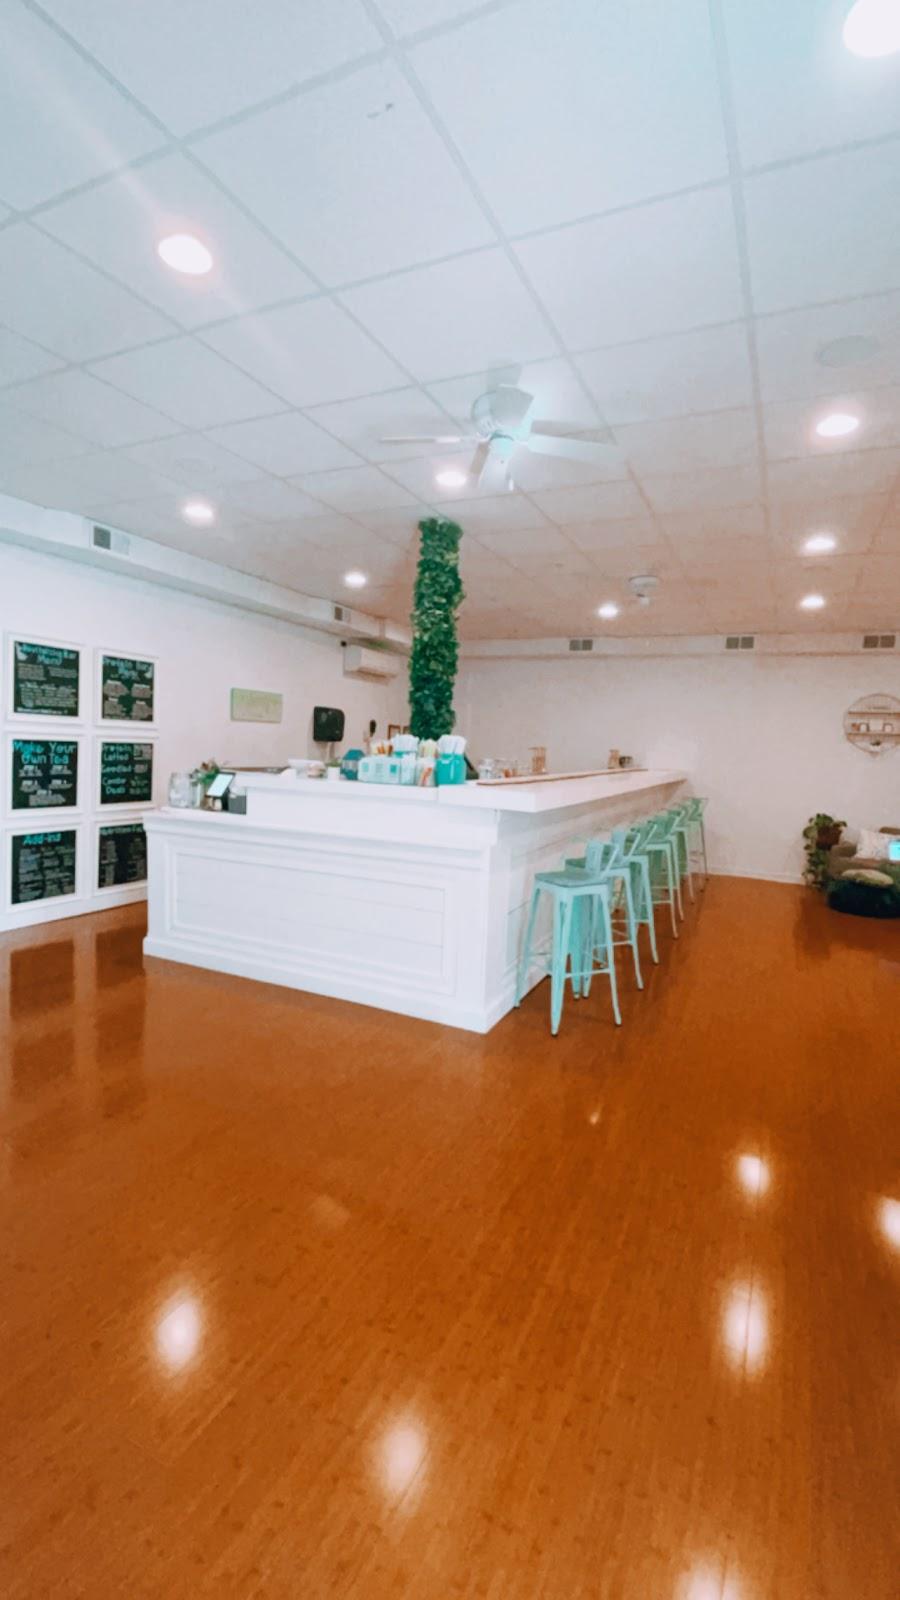 Vivacity Wellness & Nutrition | cafe | 3 Summer St, Westborough, MA 01581, USA | 5083291399 OR +1 508-329-1399